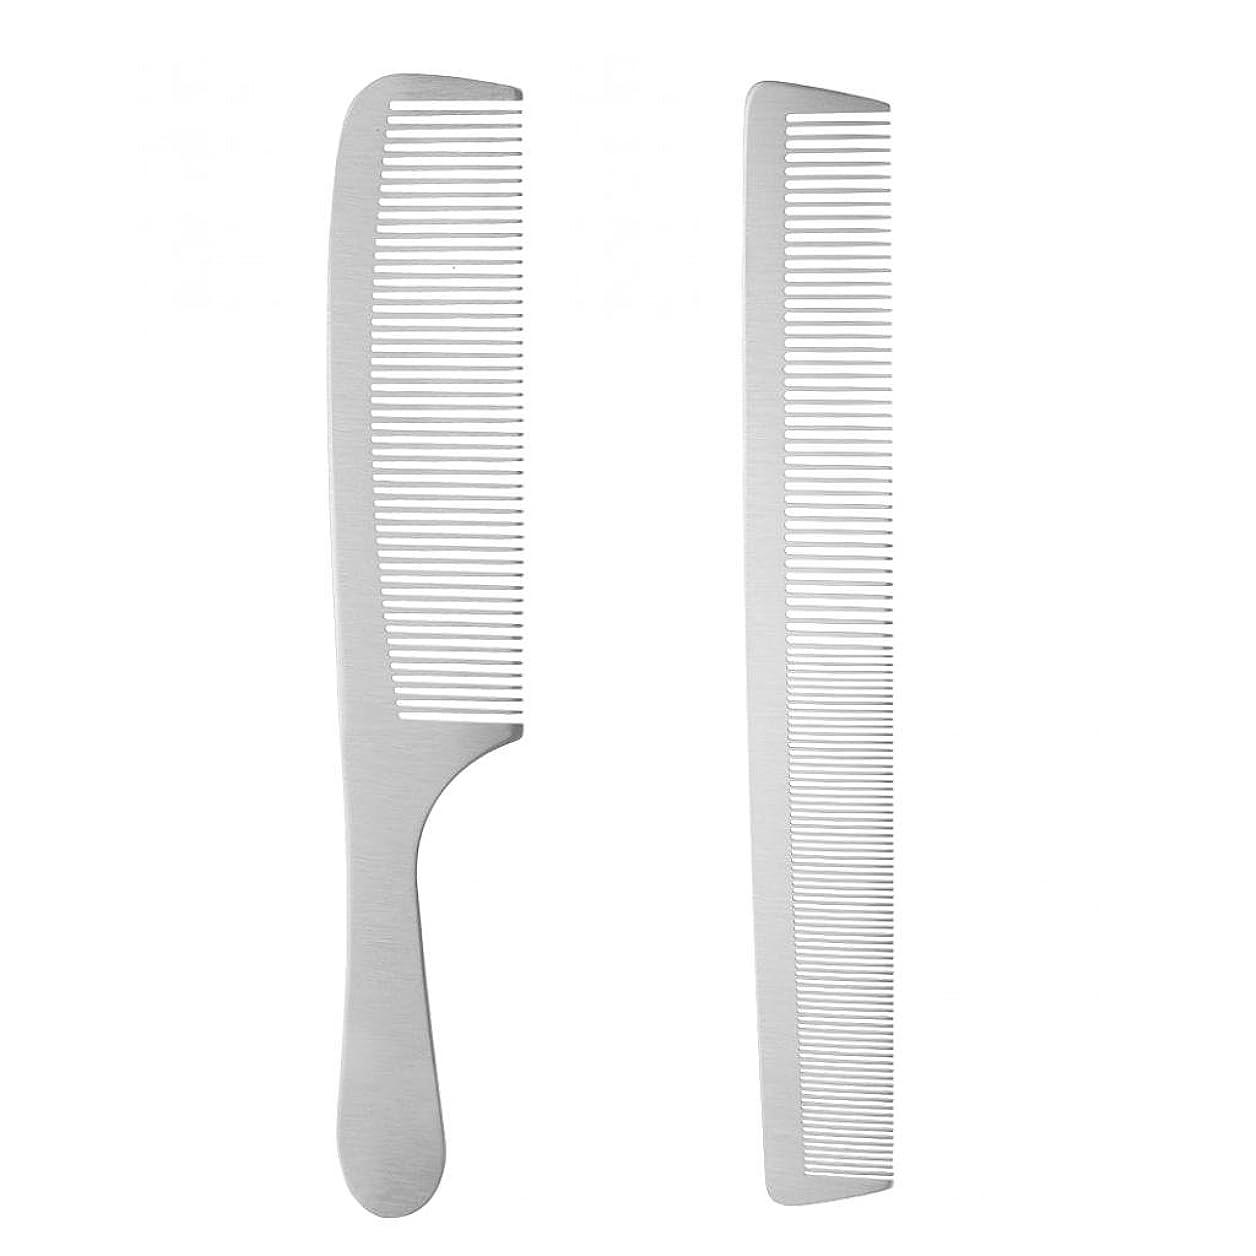 可愛い集計不一致T TOOYFUL 2倍のステンレス鋼サロンの理髪師ヘアスタイリングヘアカットカッティングヘアブラシ